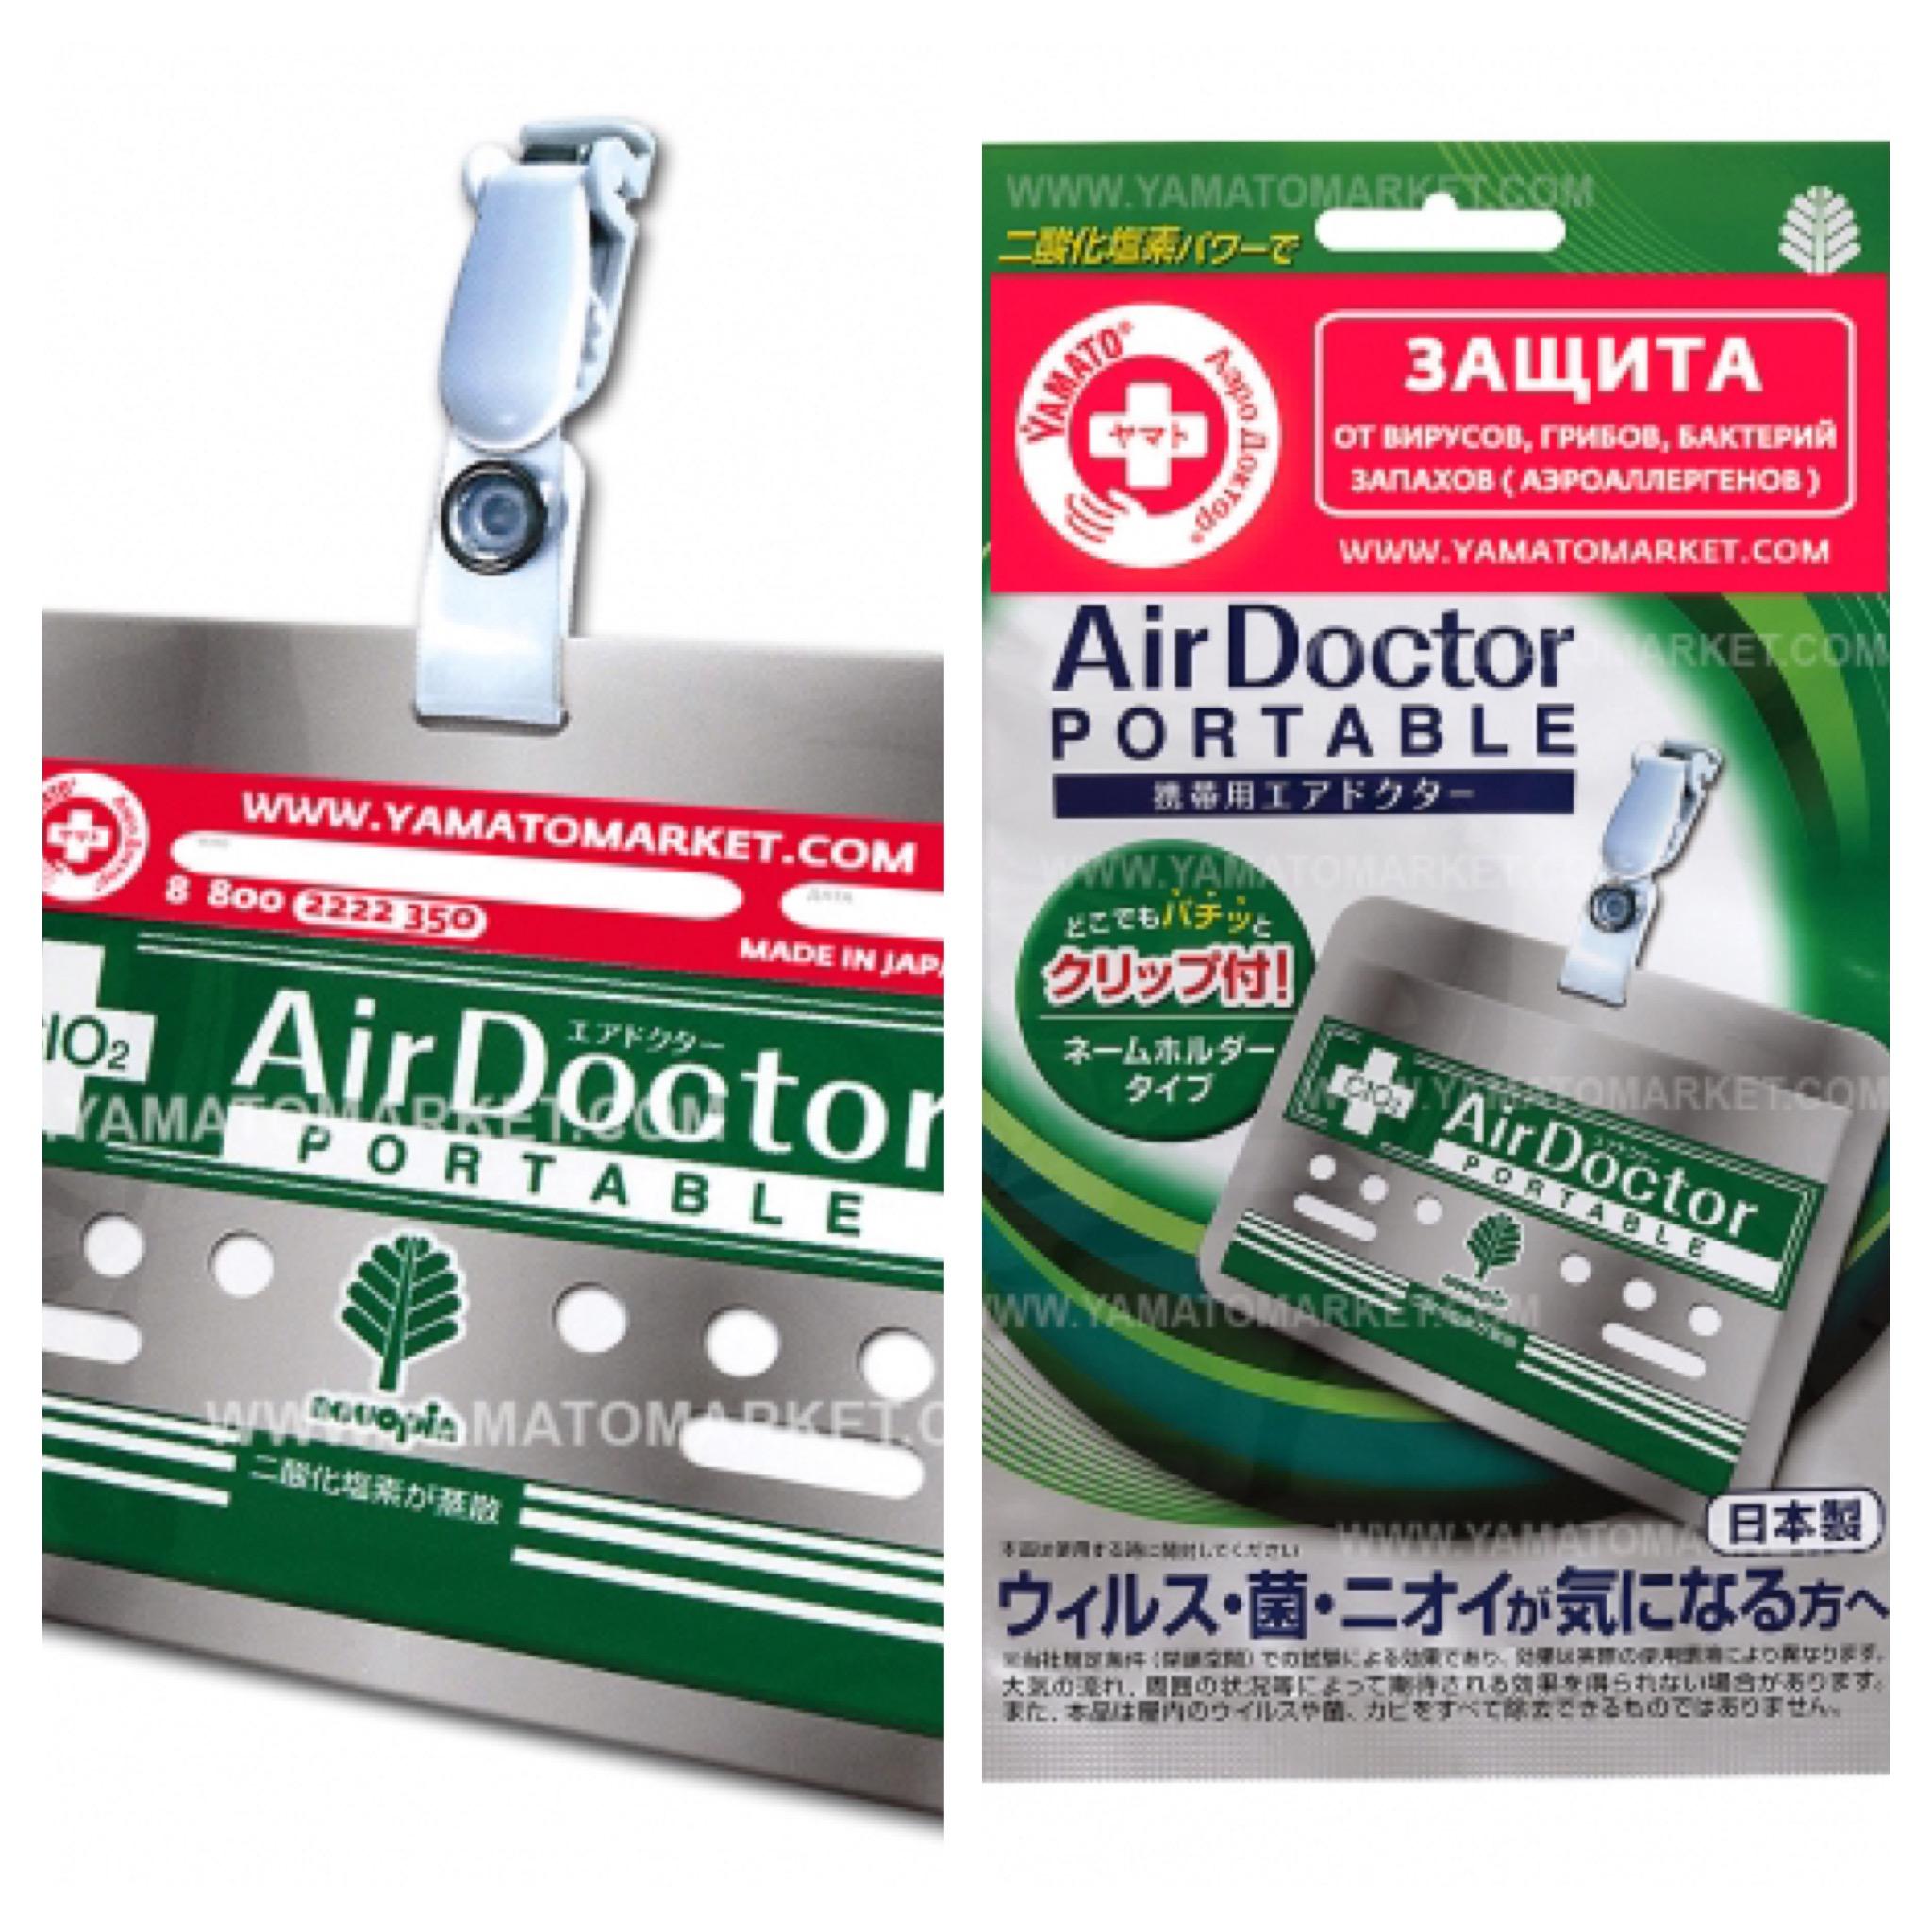 Сбор заказов. Новое решение для защиты от простуды и гриппа из Японии. Обязательно взять в садик и школу!